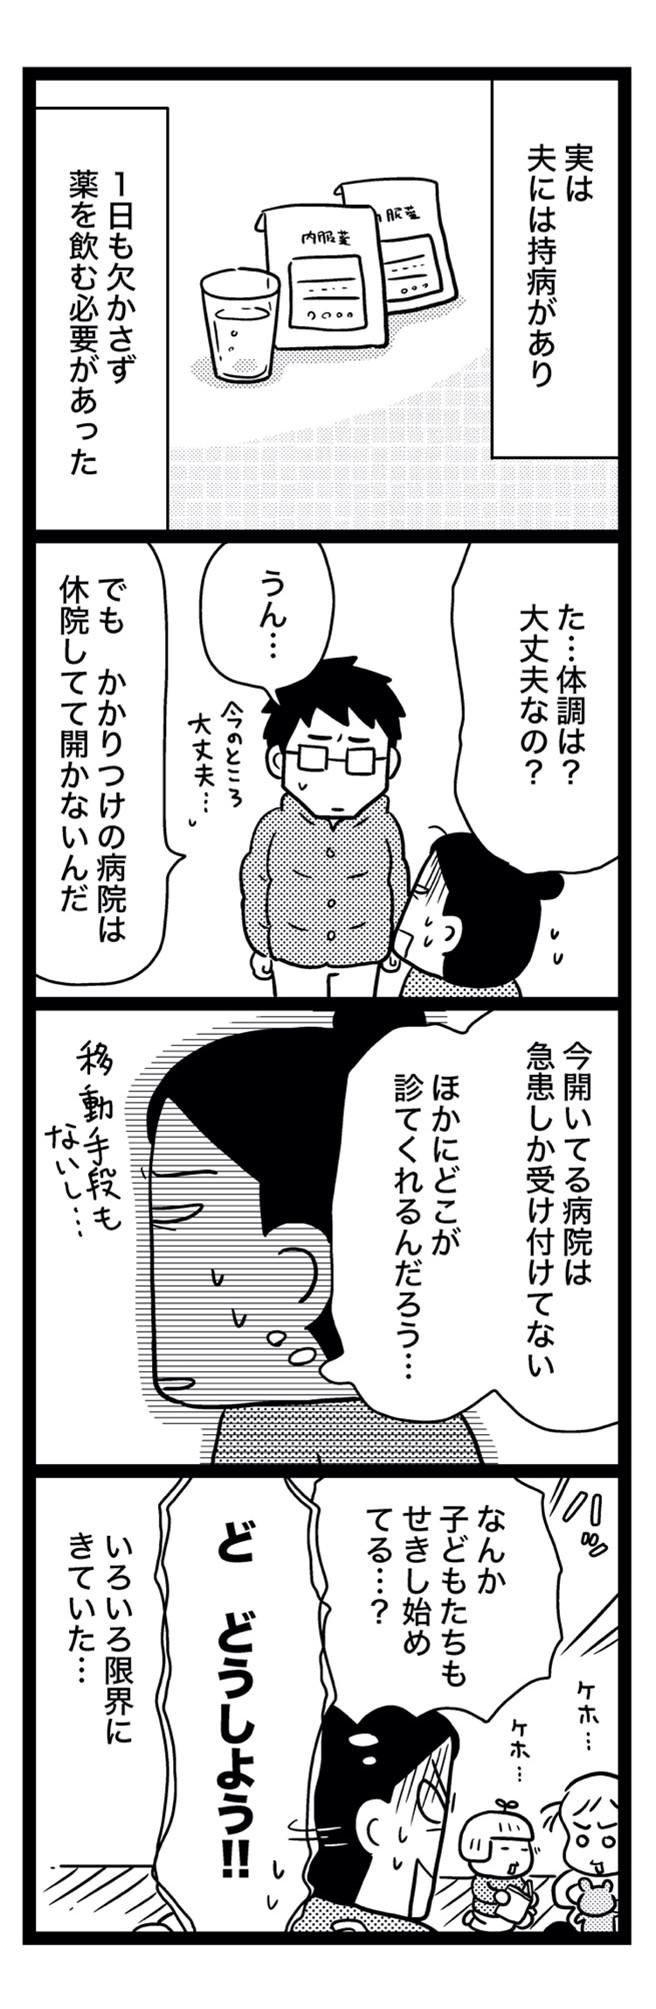 sinsai4-6